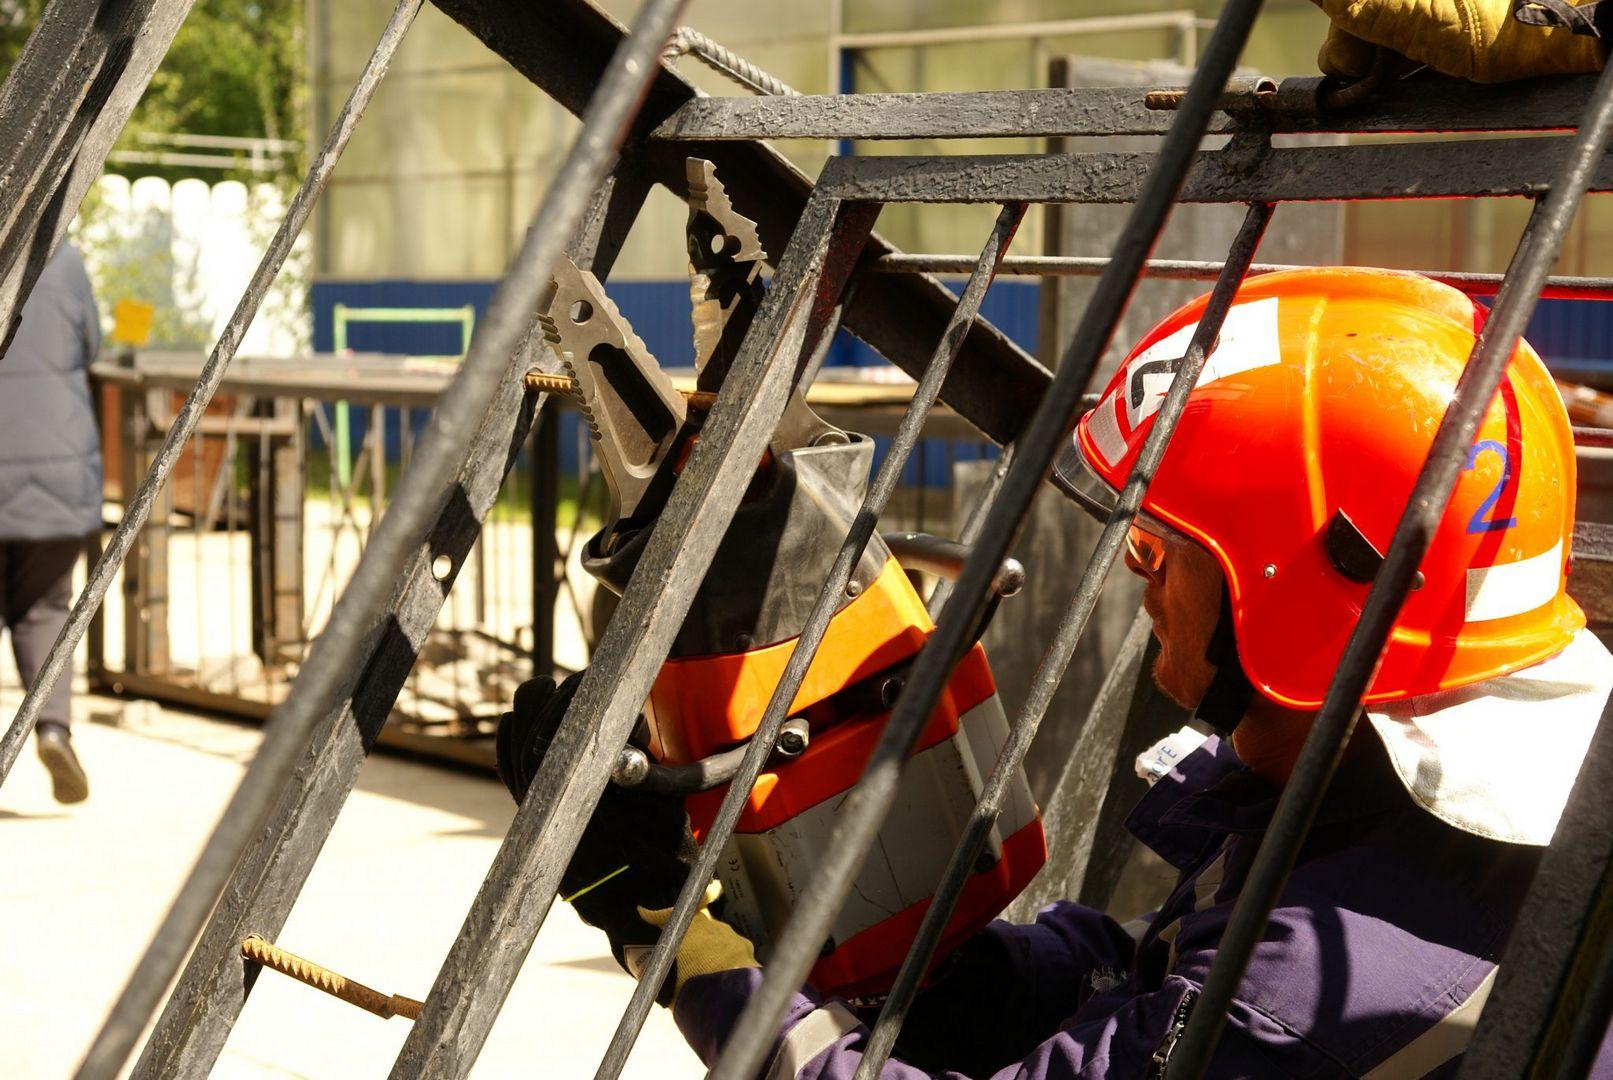 разъем-кусачки, полоса препятствий, спасатели, конкурс, лучший спасатель, спасатели Москвы, департамент ГО ЧС